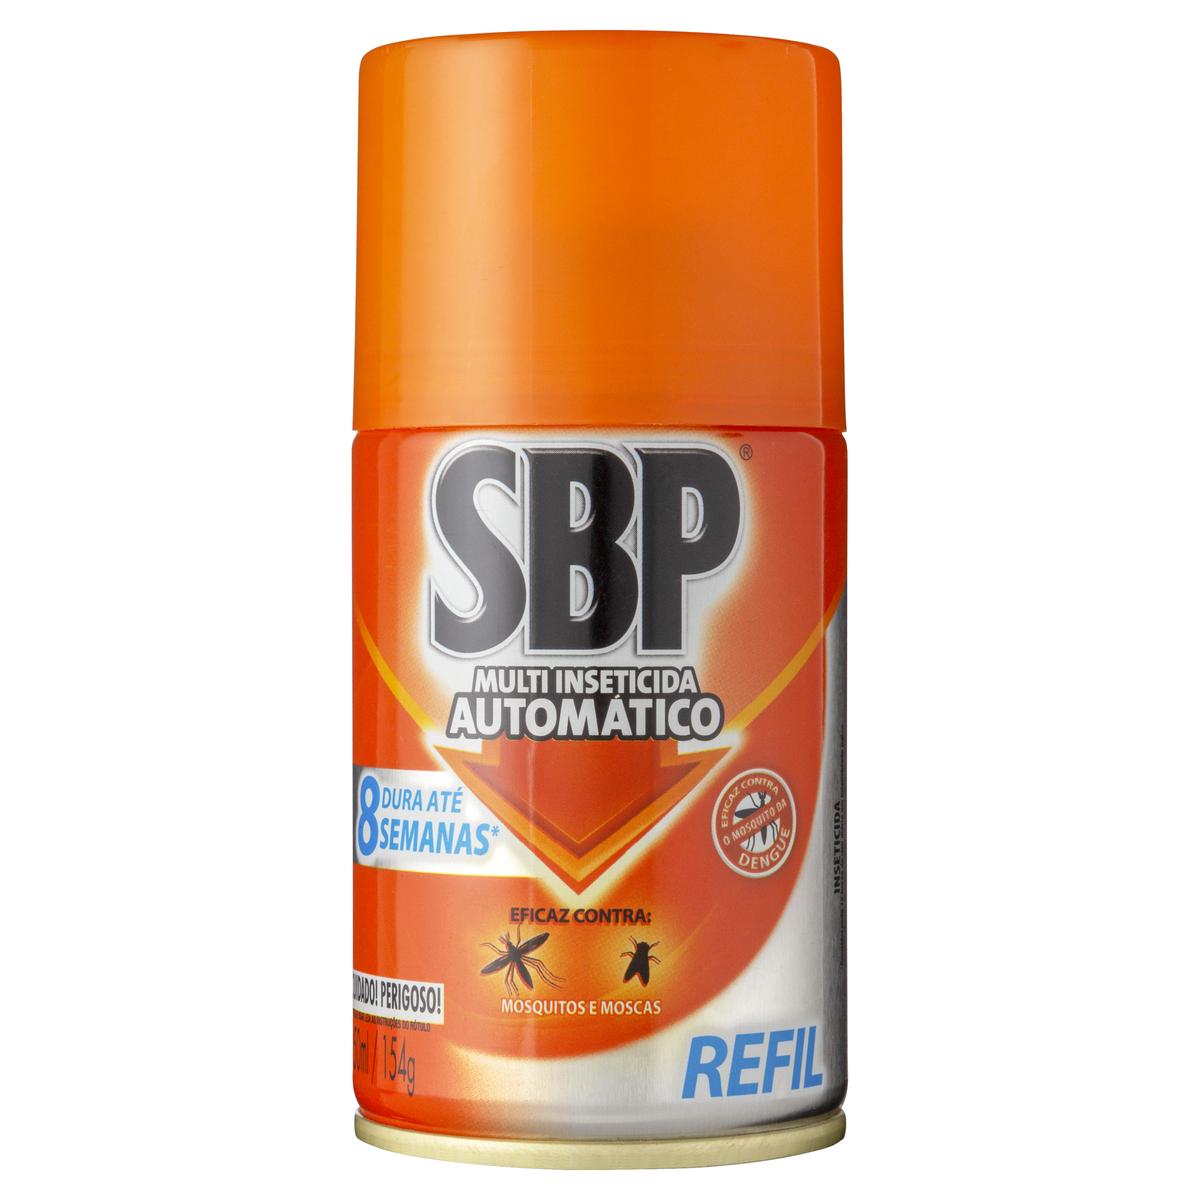 SBP AUTO MULTI INSENT  REFIL 1X250ML (6)